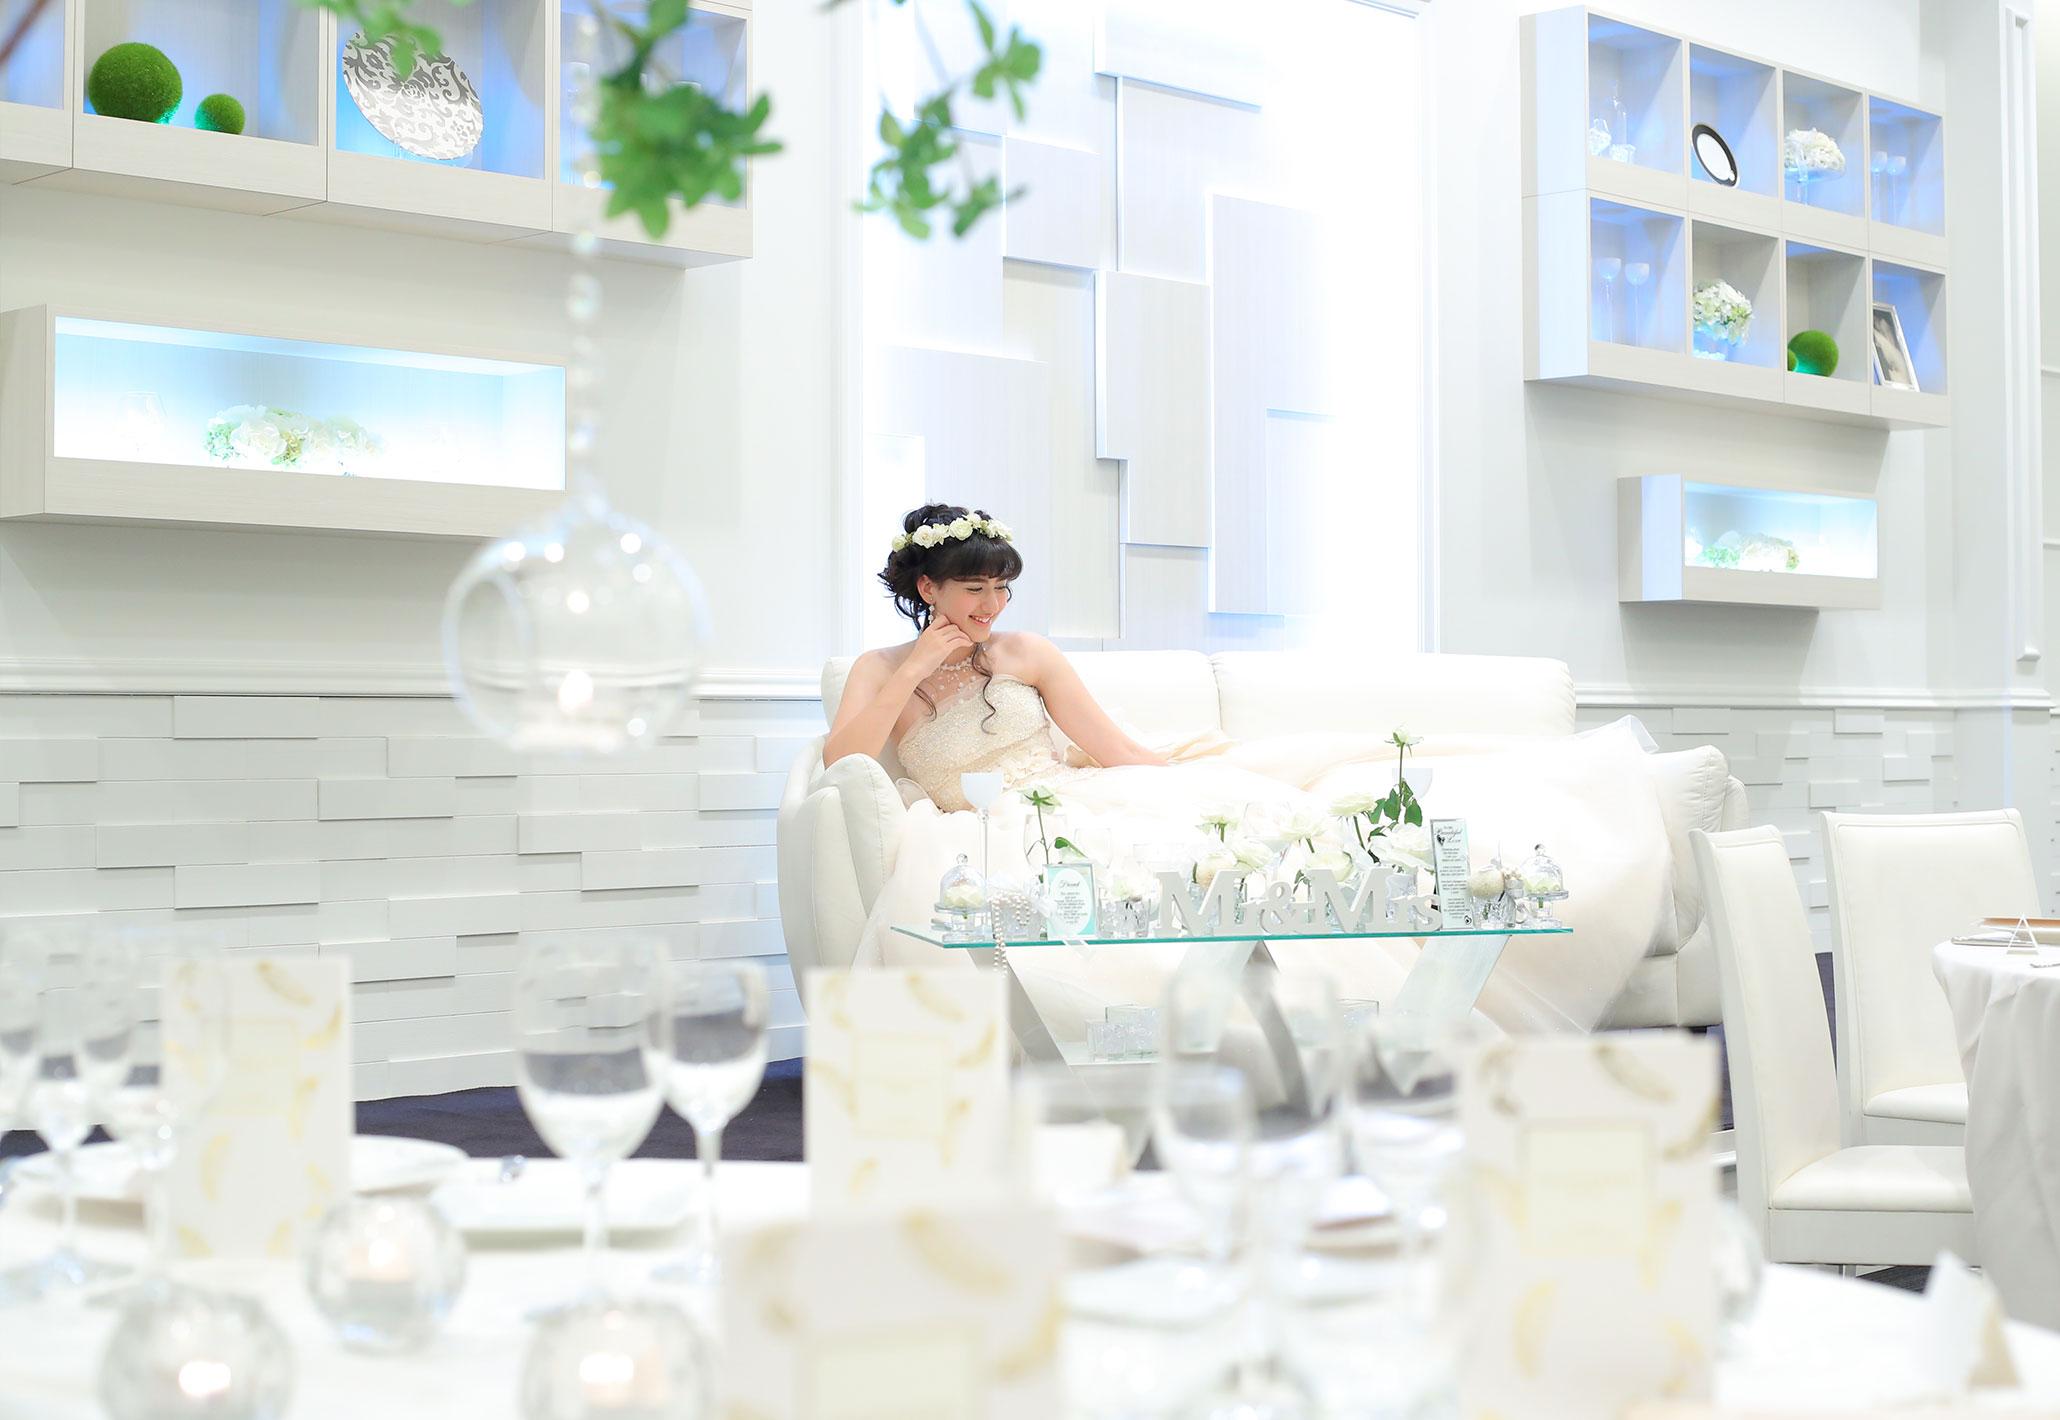 真っ白な空間で叶える最高のウェディング|愛媛県松山市の結婚式場ベルフォーレ松山